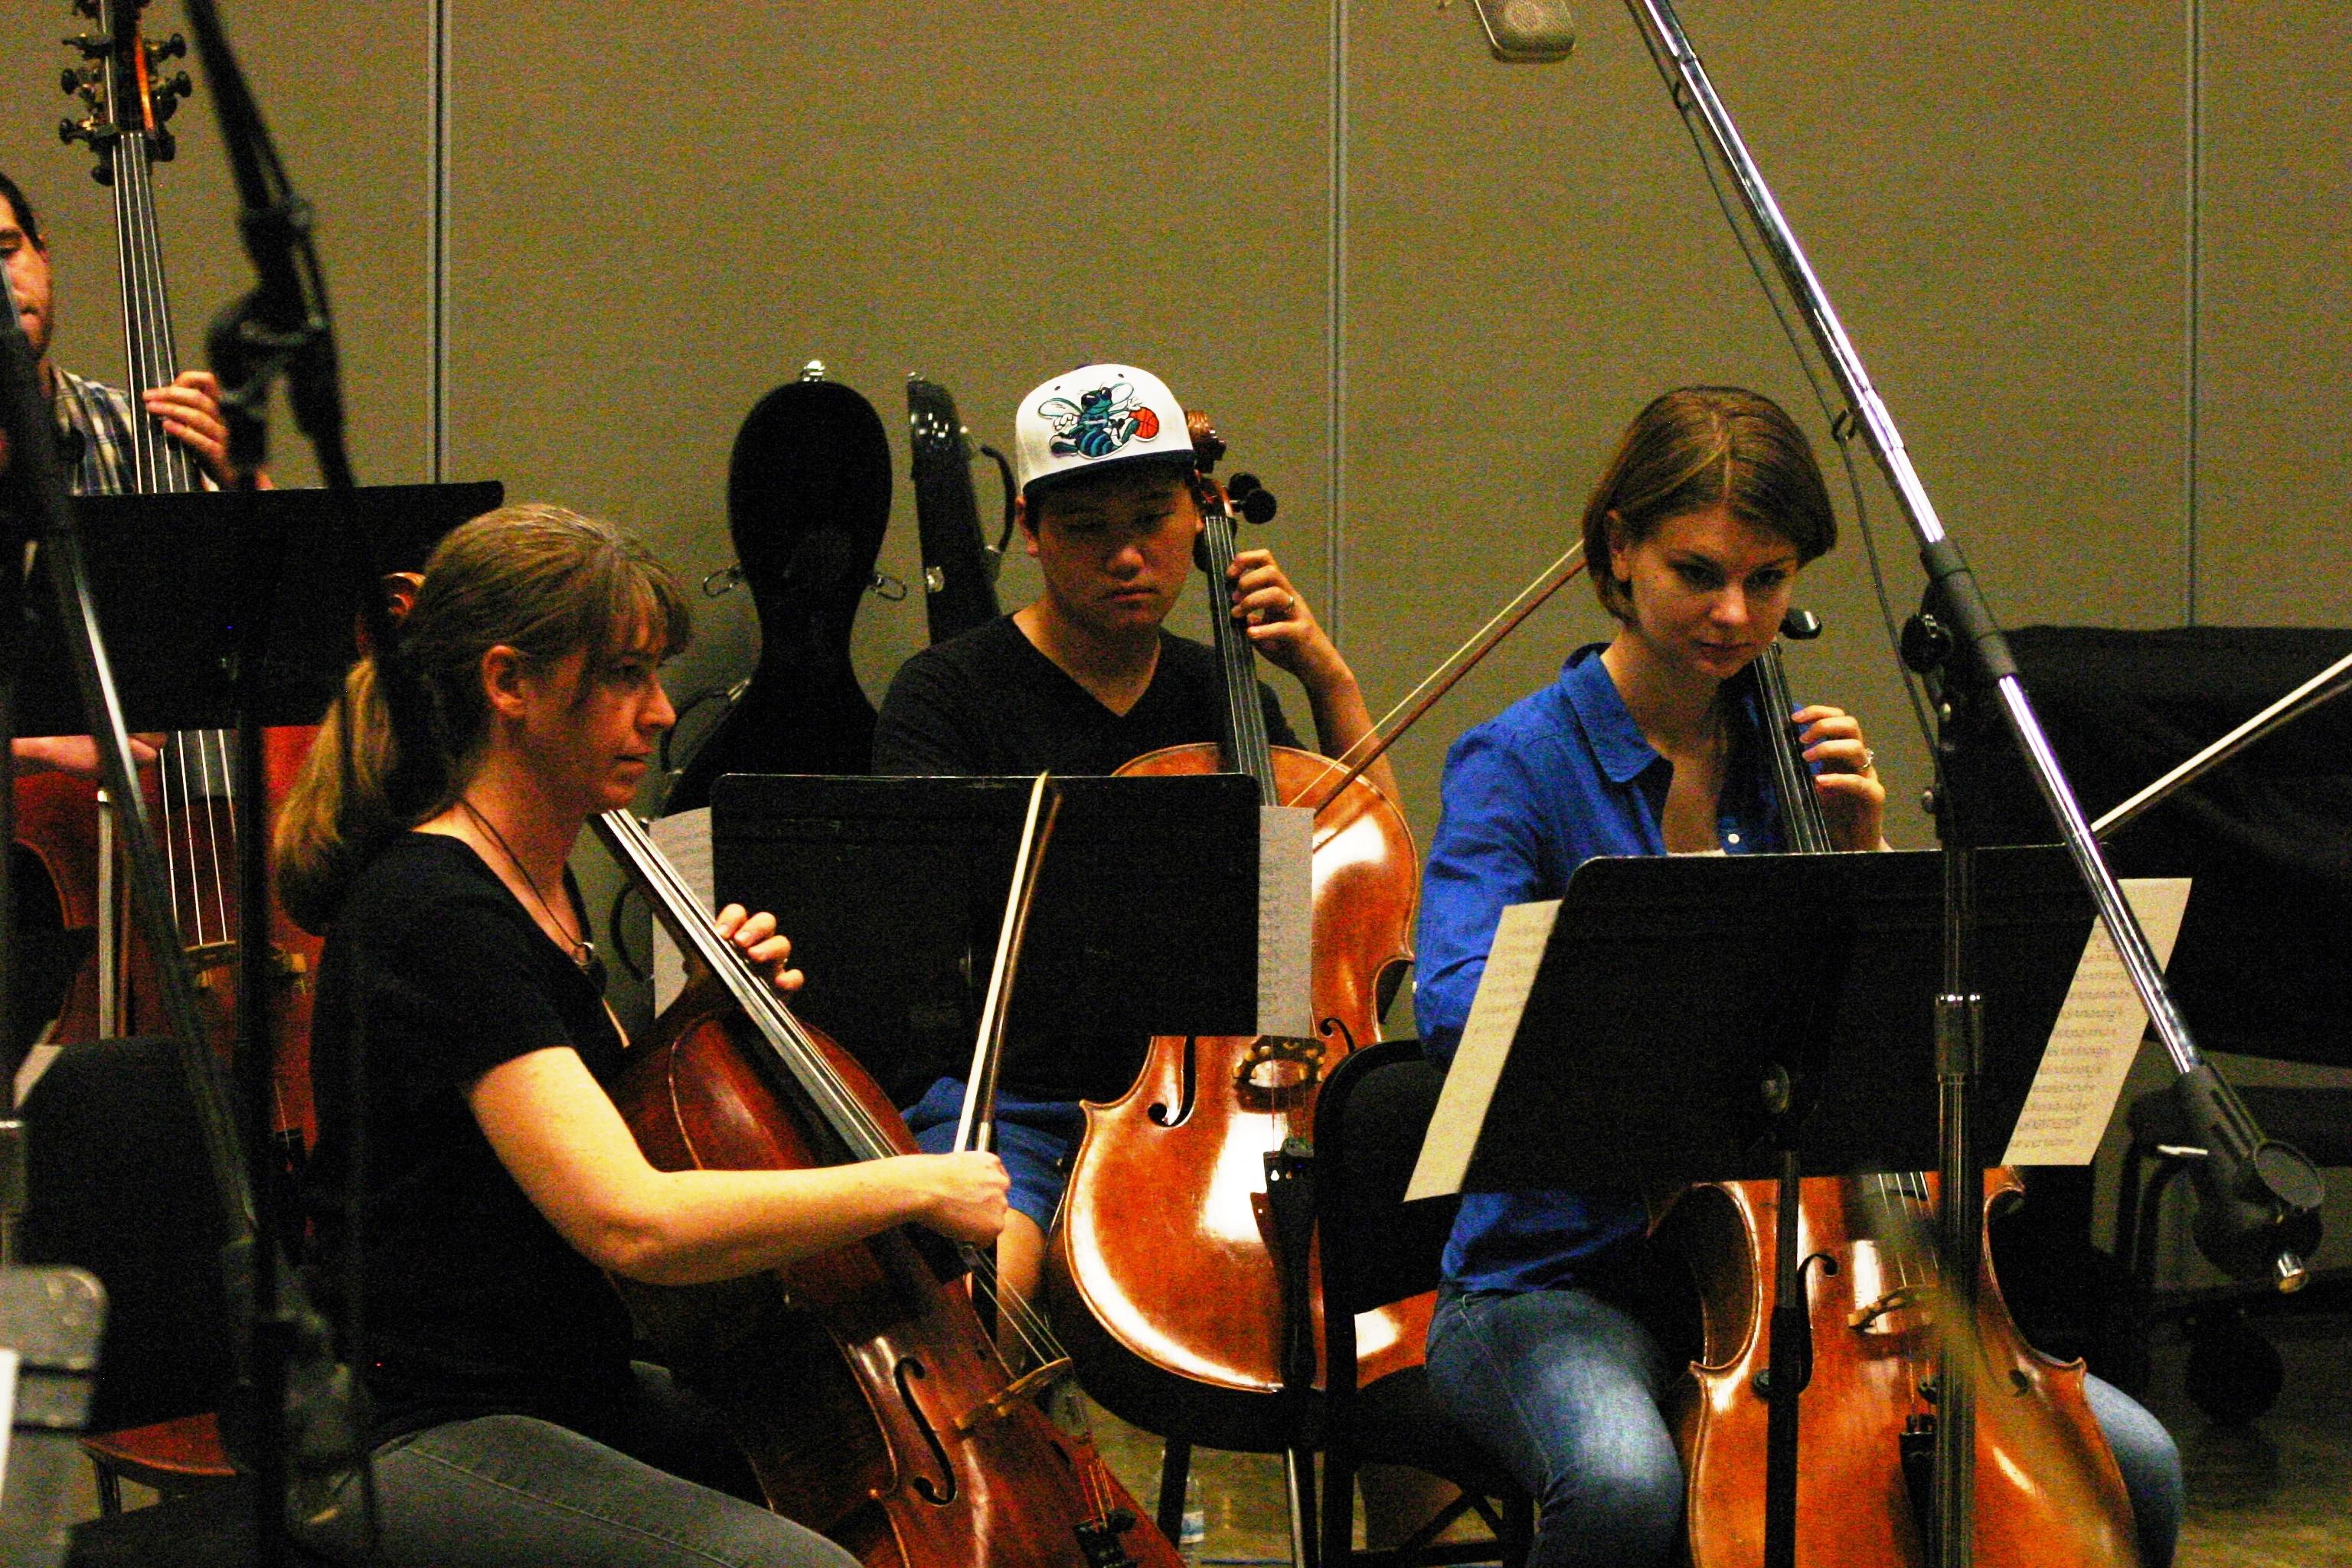 The cellos